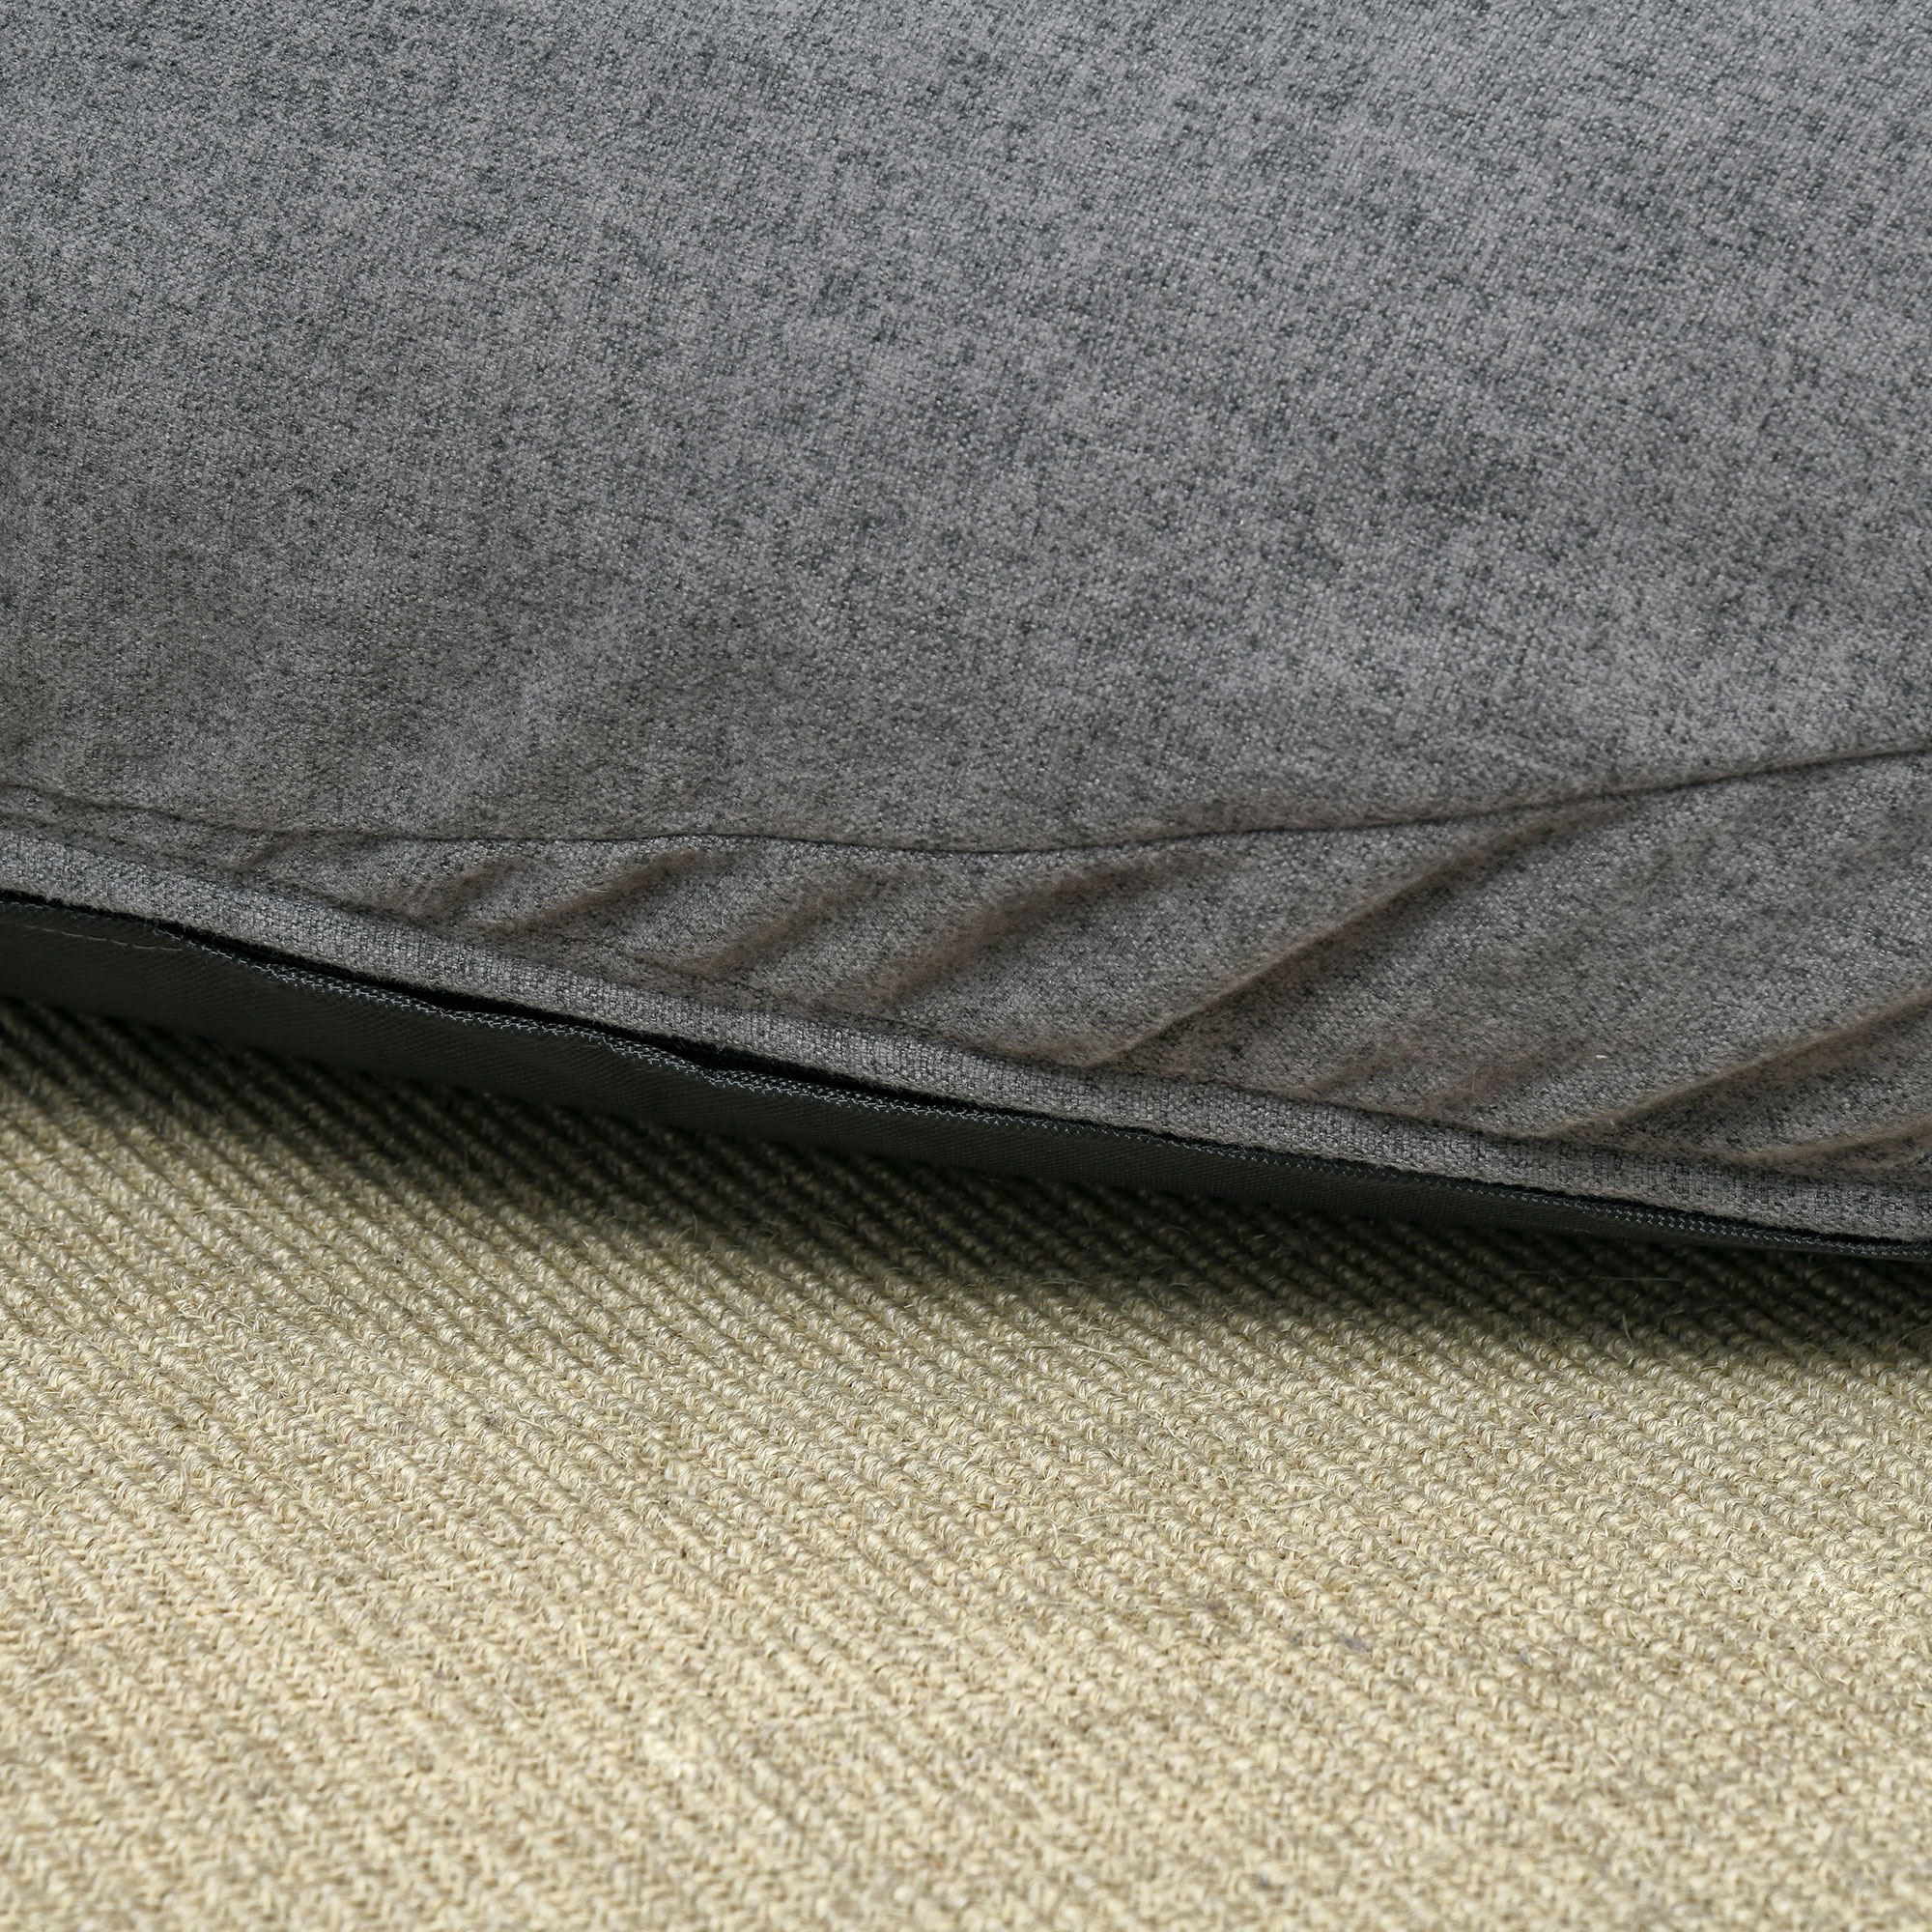 Indexbild 11 - Sitzsack Sitzkissen gepolstert Polyester Schaumstoff 3 Farben